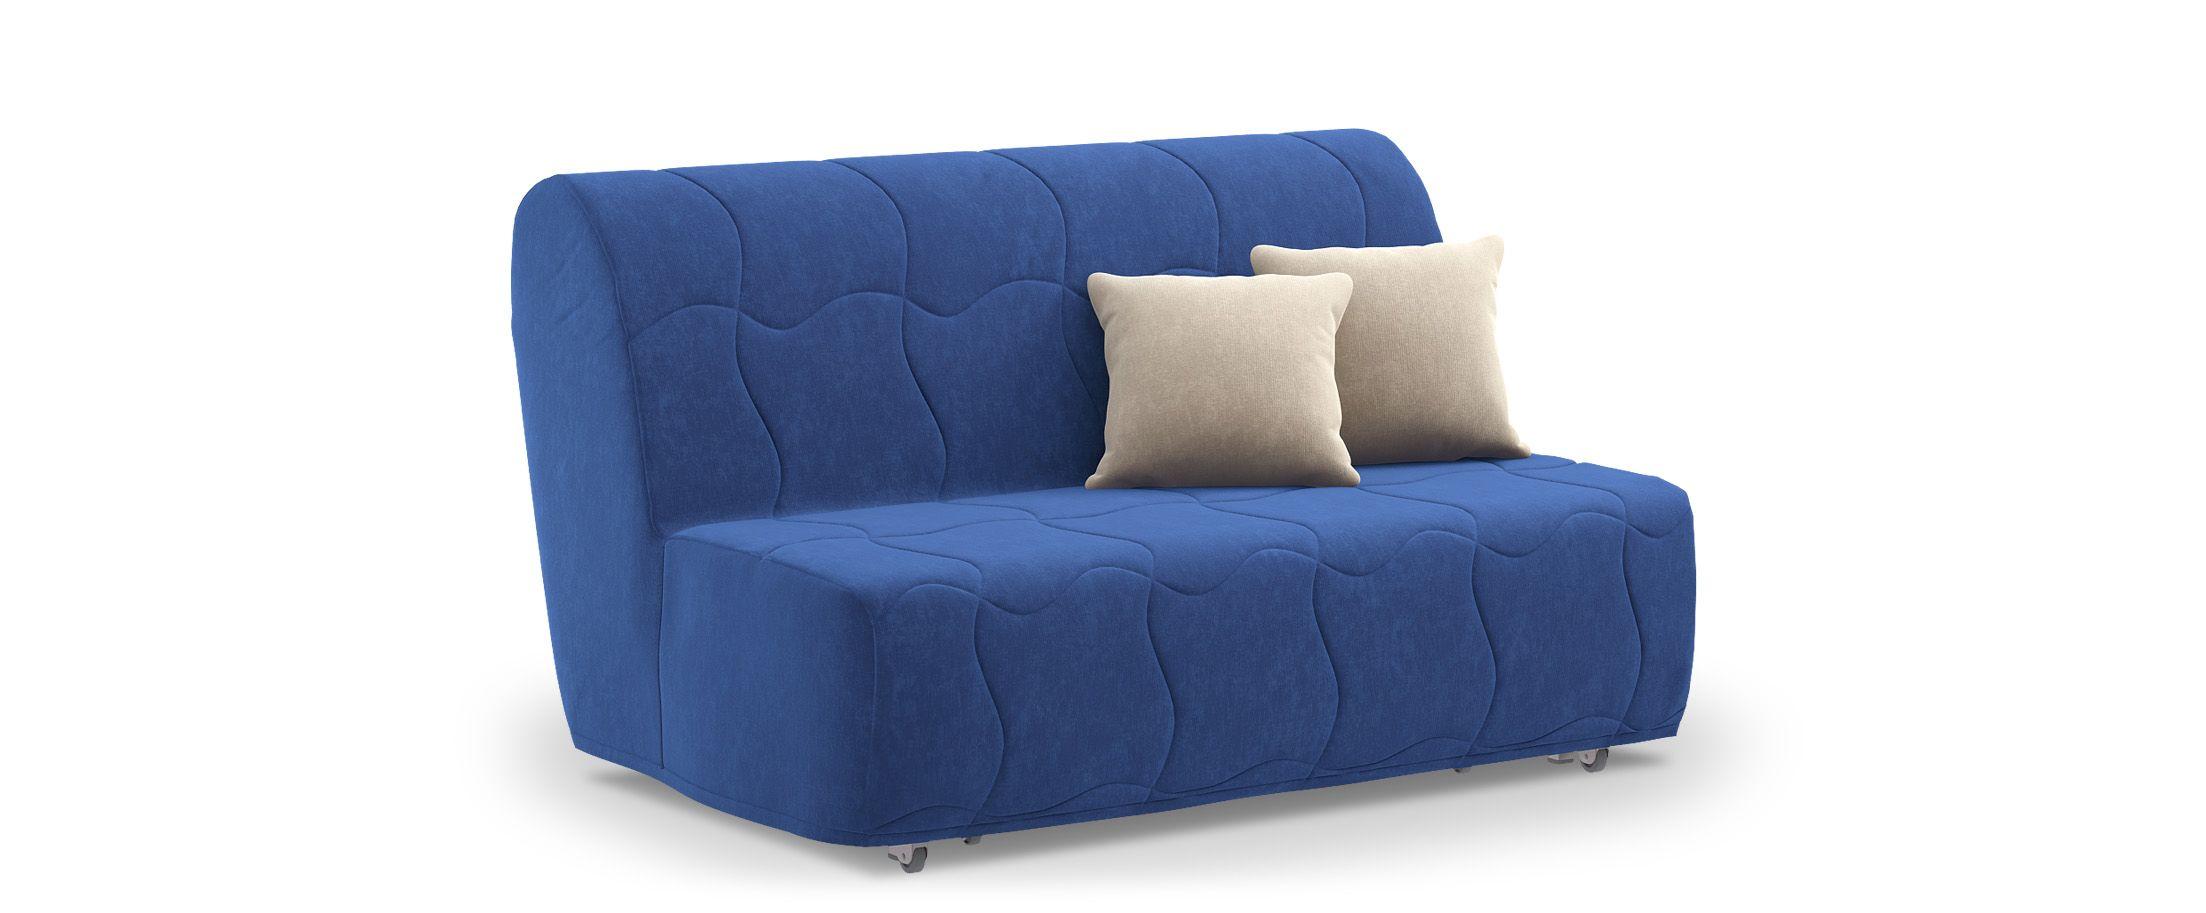 Диван прямой аккордеон Сити 023Гостевой вариант и полноценное спальное место. Размеры 146х107х91 см. Купить синий диван аккордеон в интернет-магазине MOON TRADE.<br>